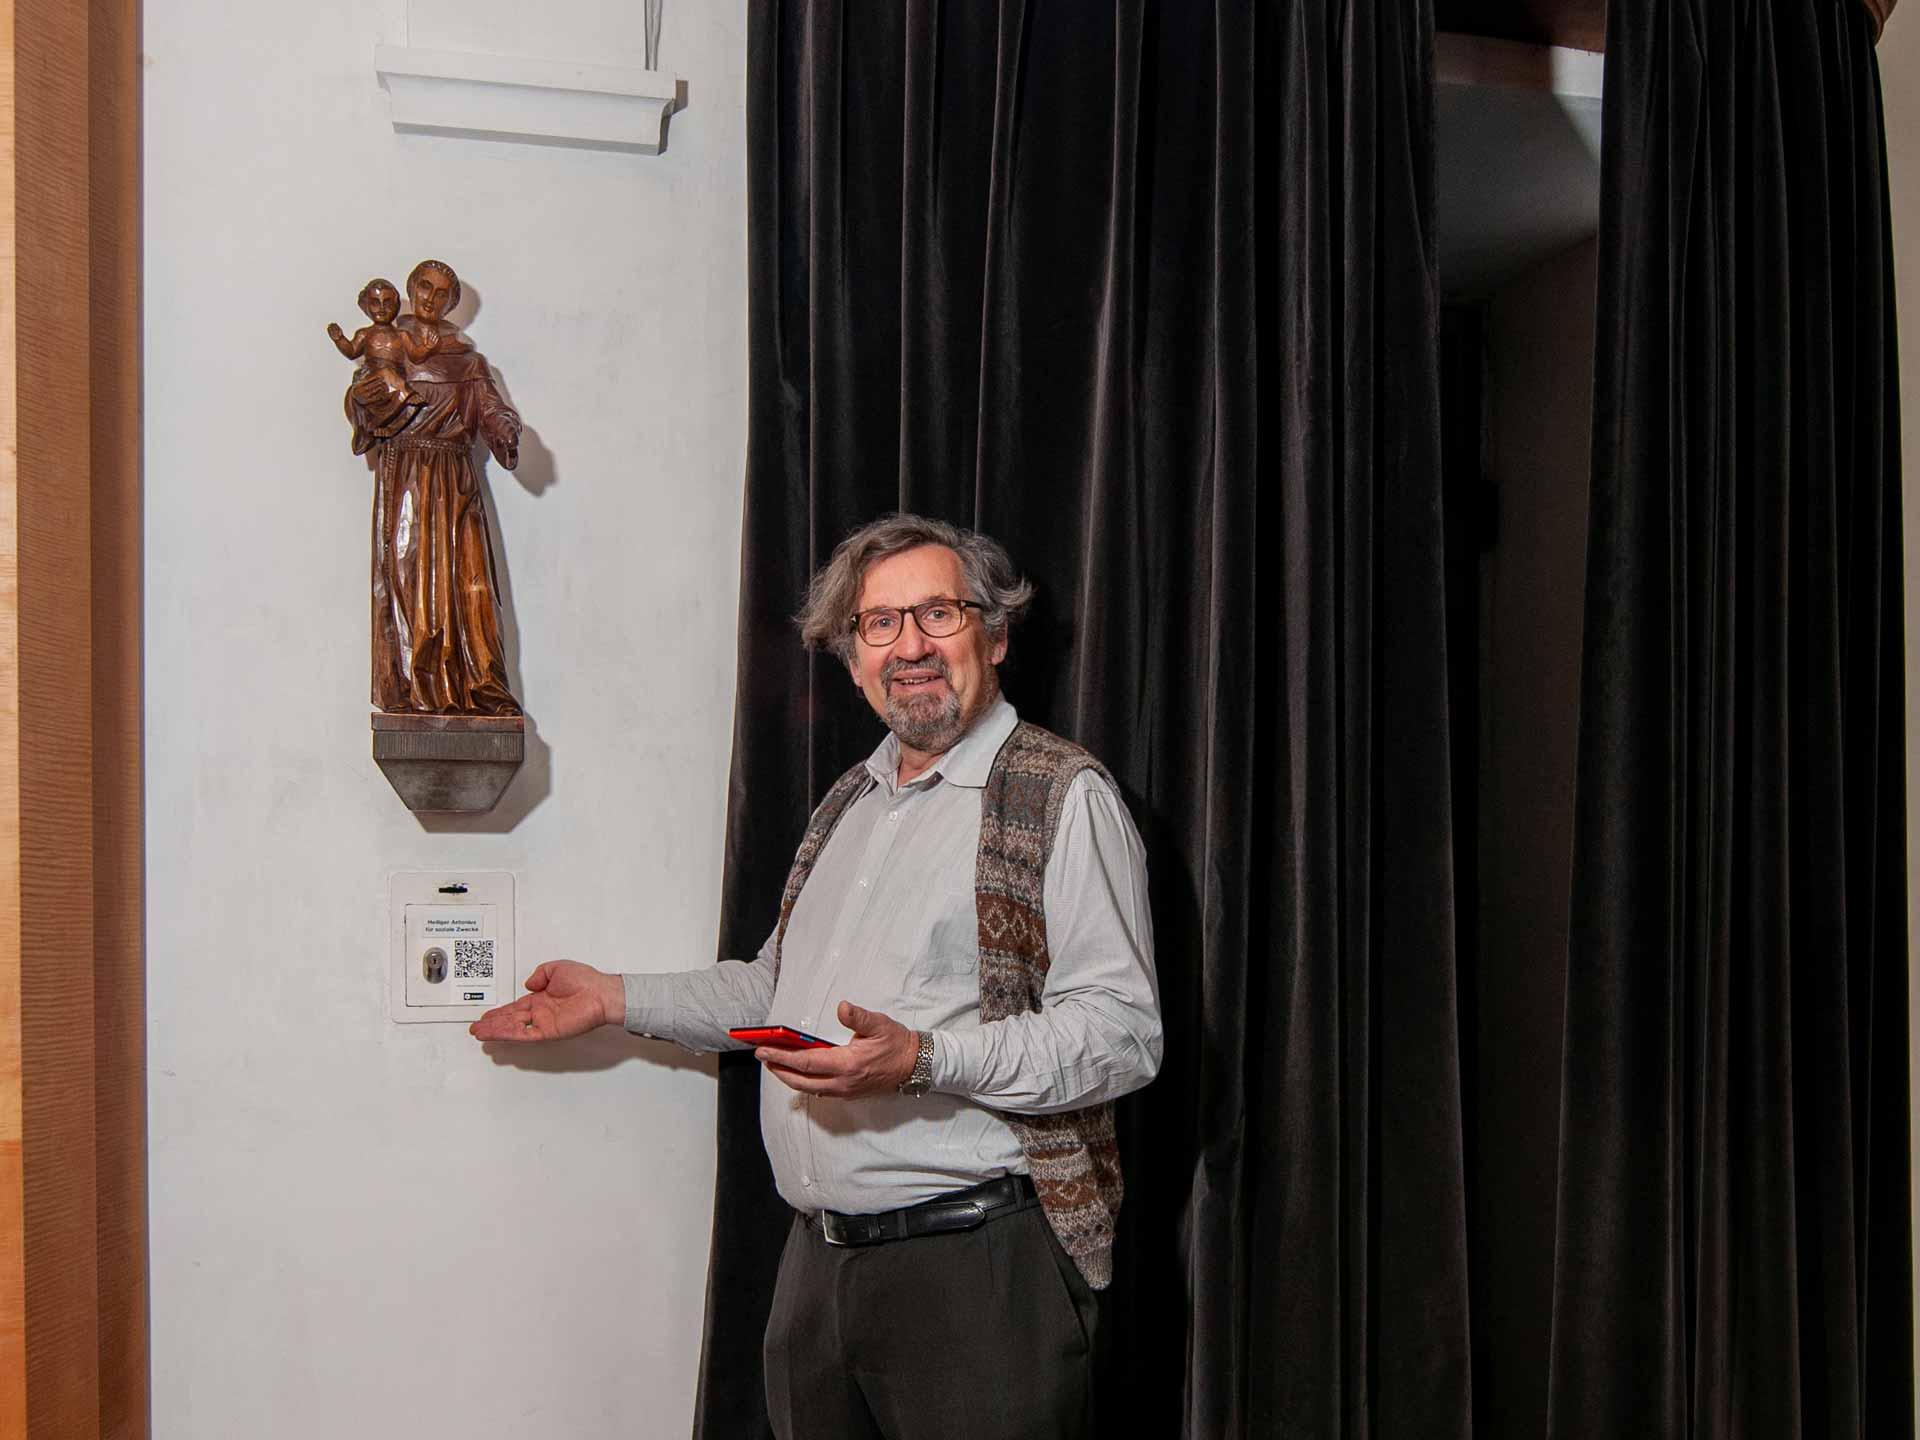 In der Peterskapelle kann mit Twint gespendet werden. Florian Flohr, Leiter der Citypastoral Luzern, zeigt den QR-Code bei der Antoniusstatue. | © 2020 Thomas Stucki